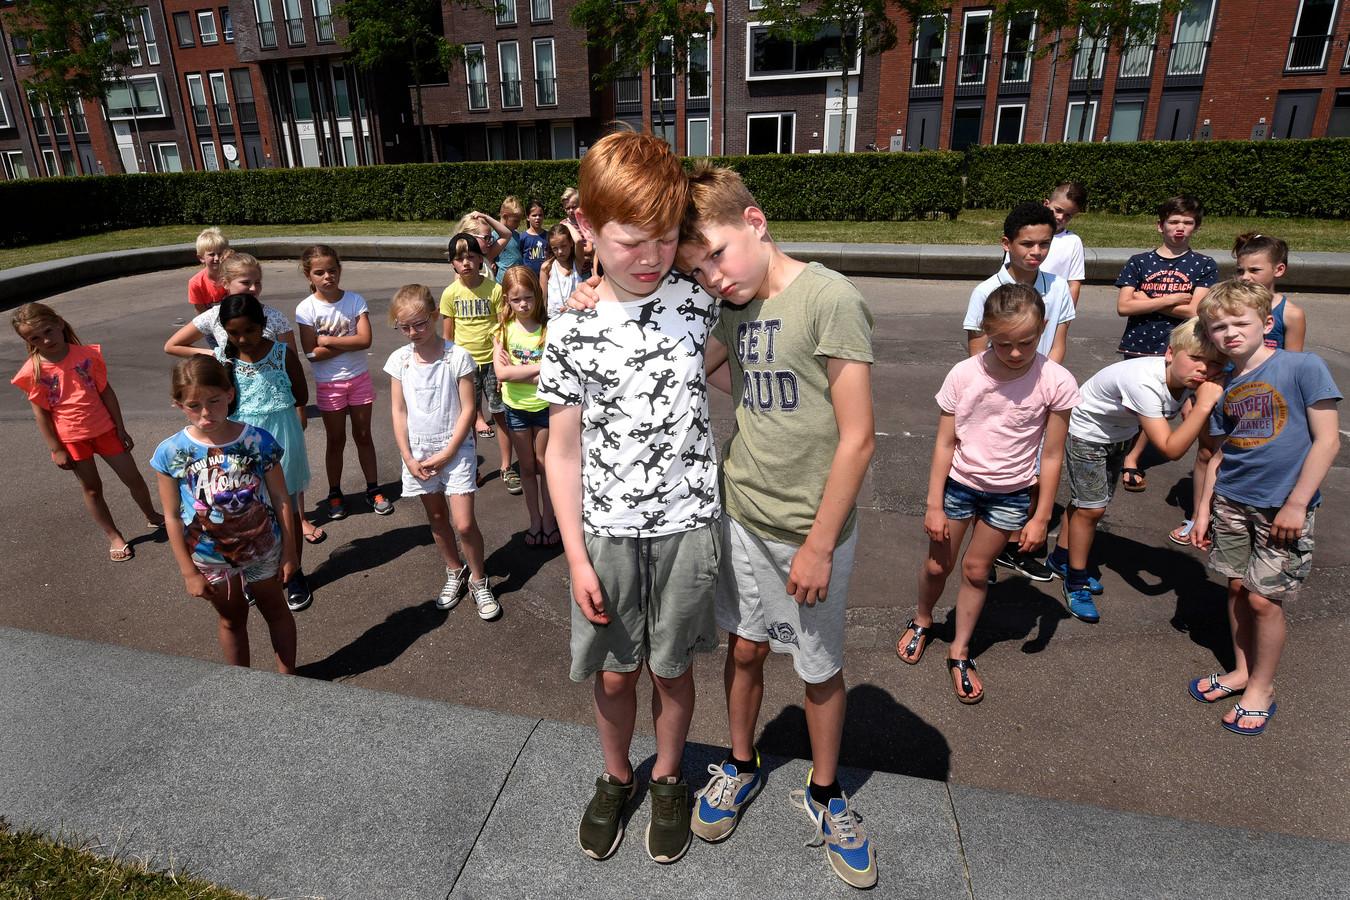 Teleurgesteld kijkende kinderen van De Regenboog op het lege plein.